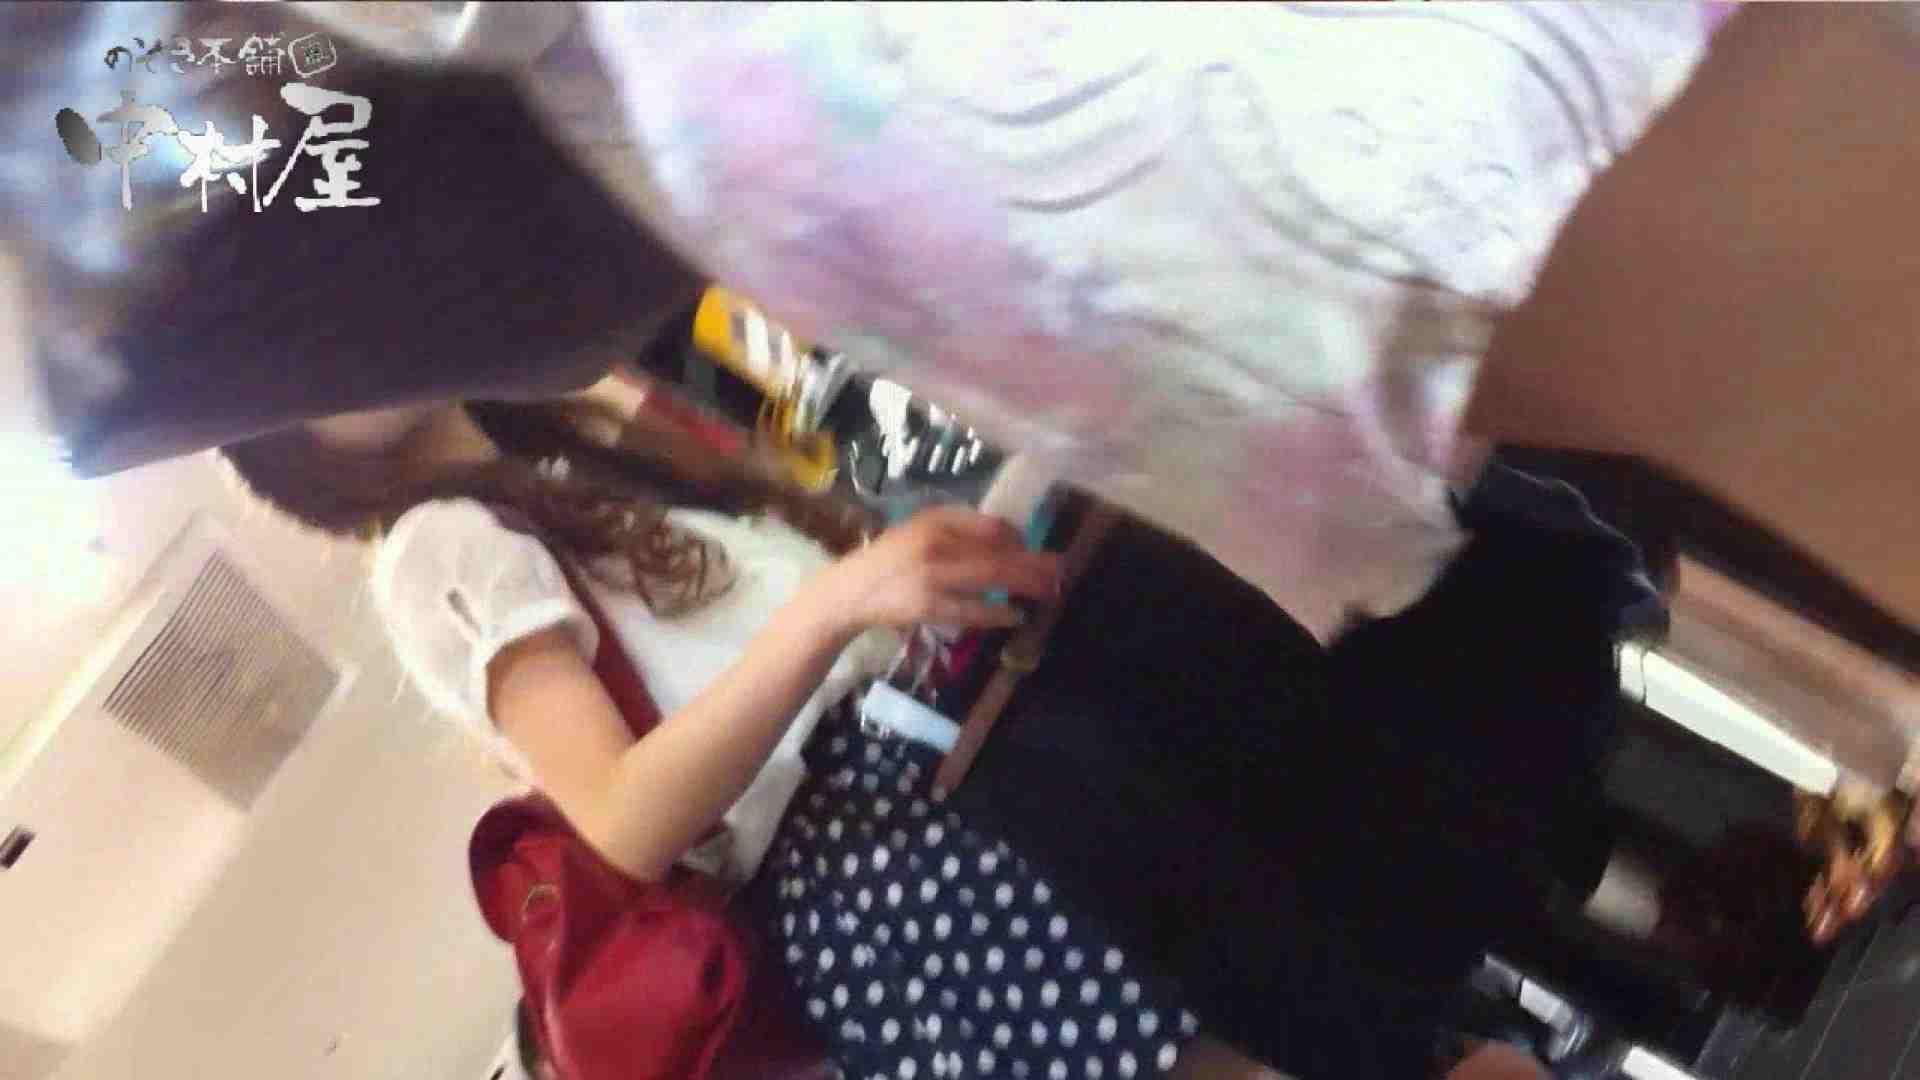 vol.62 美人アパレル胸チラ&パンチラ 笑顔のチャーミングなおねぃさん OLエロ画像 盗撮オマンコ無修正動画無料 102PICs 57